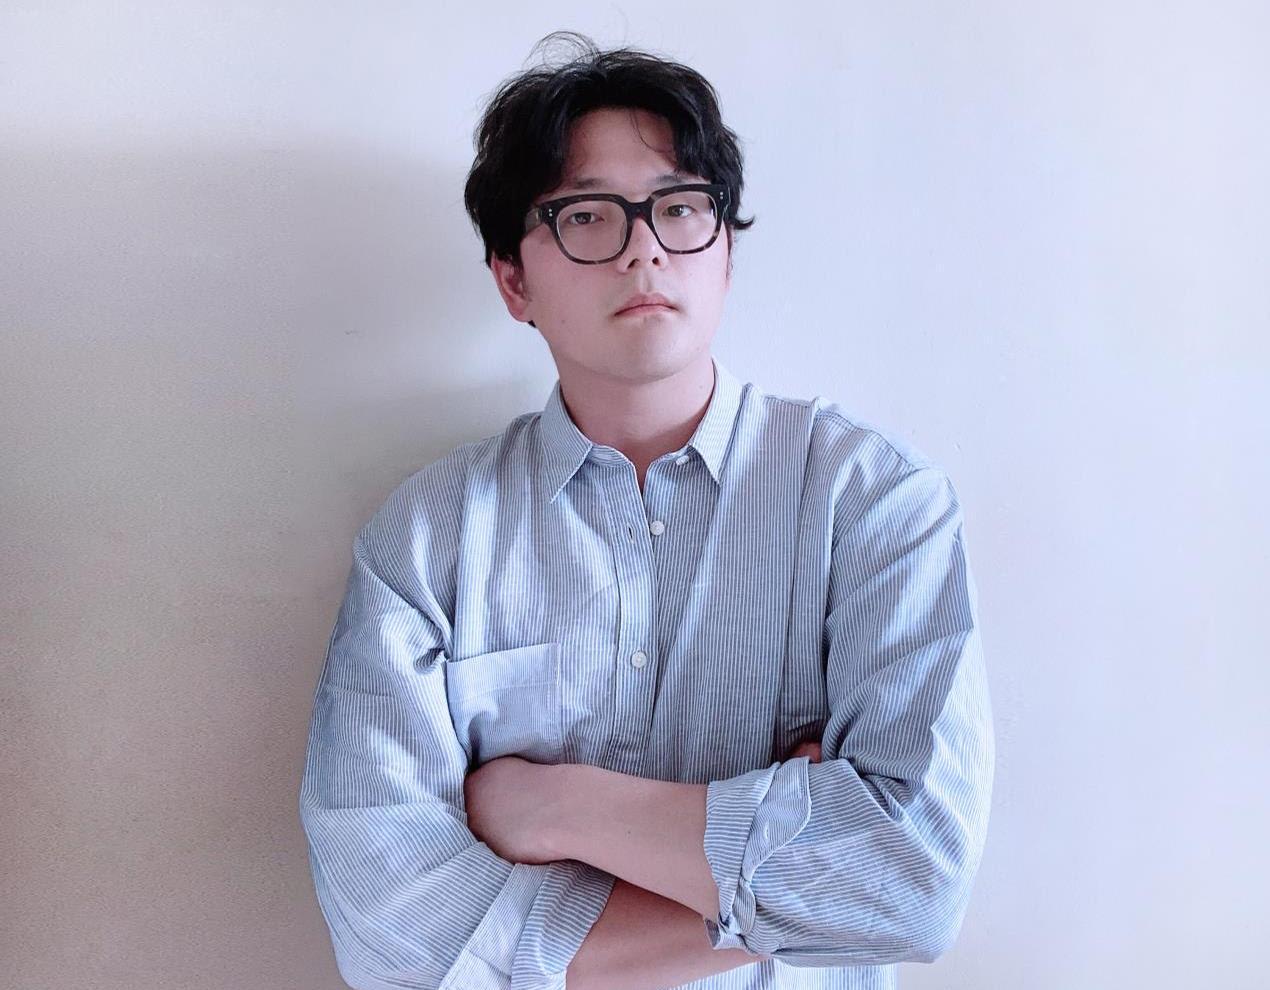 South Korean artist Taeheon Lee will take up a virtual residency at Jorvik / Jorvik Group